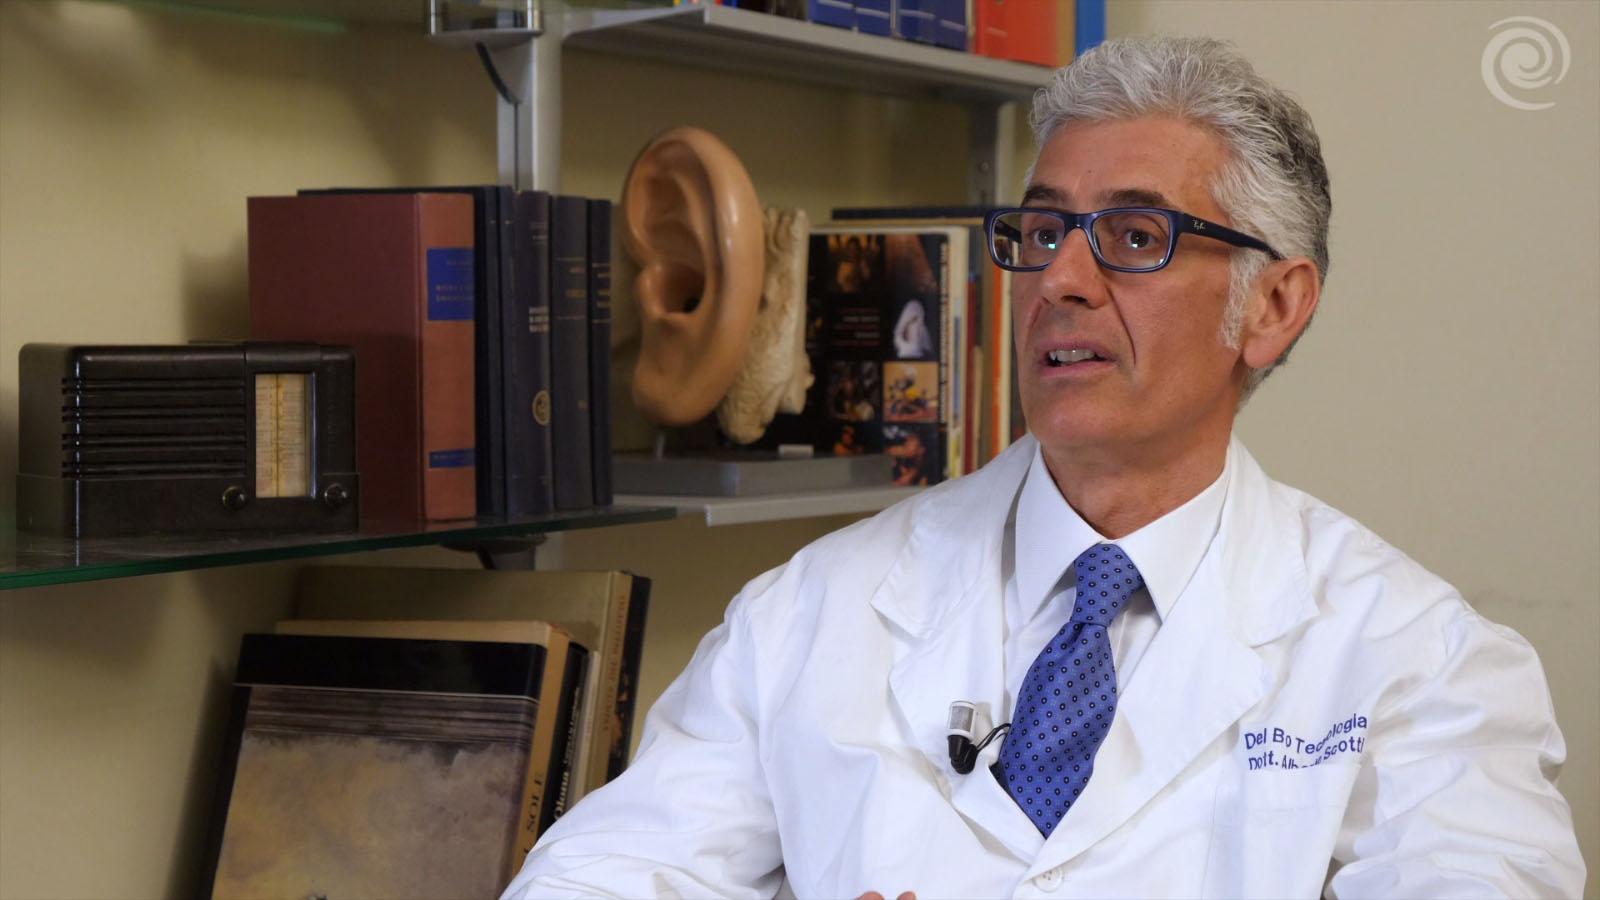 [VIDEO] L'esperto risponde: parliamo di acufene